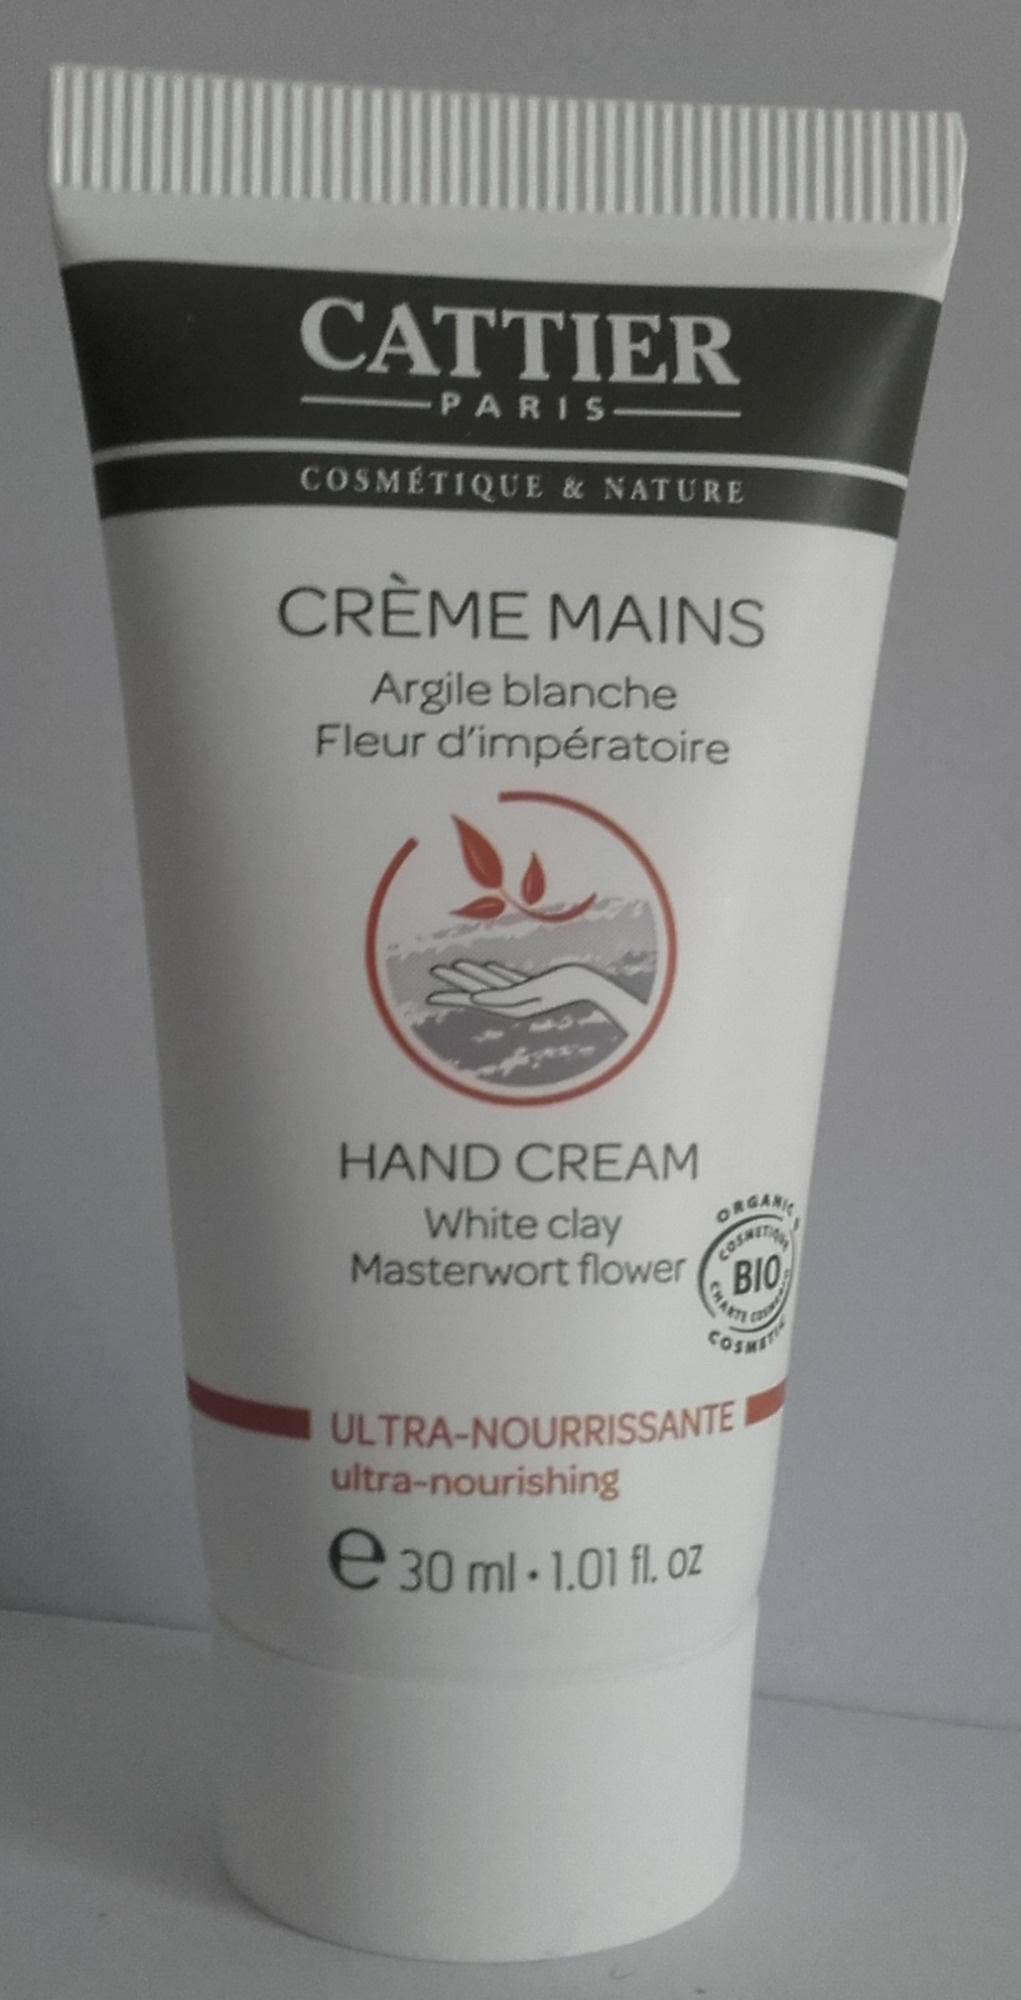 Crème mains Argile blanche Fleur d'impératoire - Produit